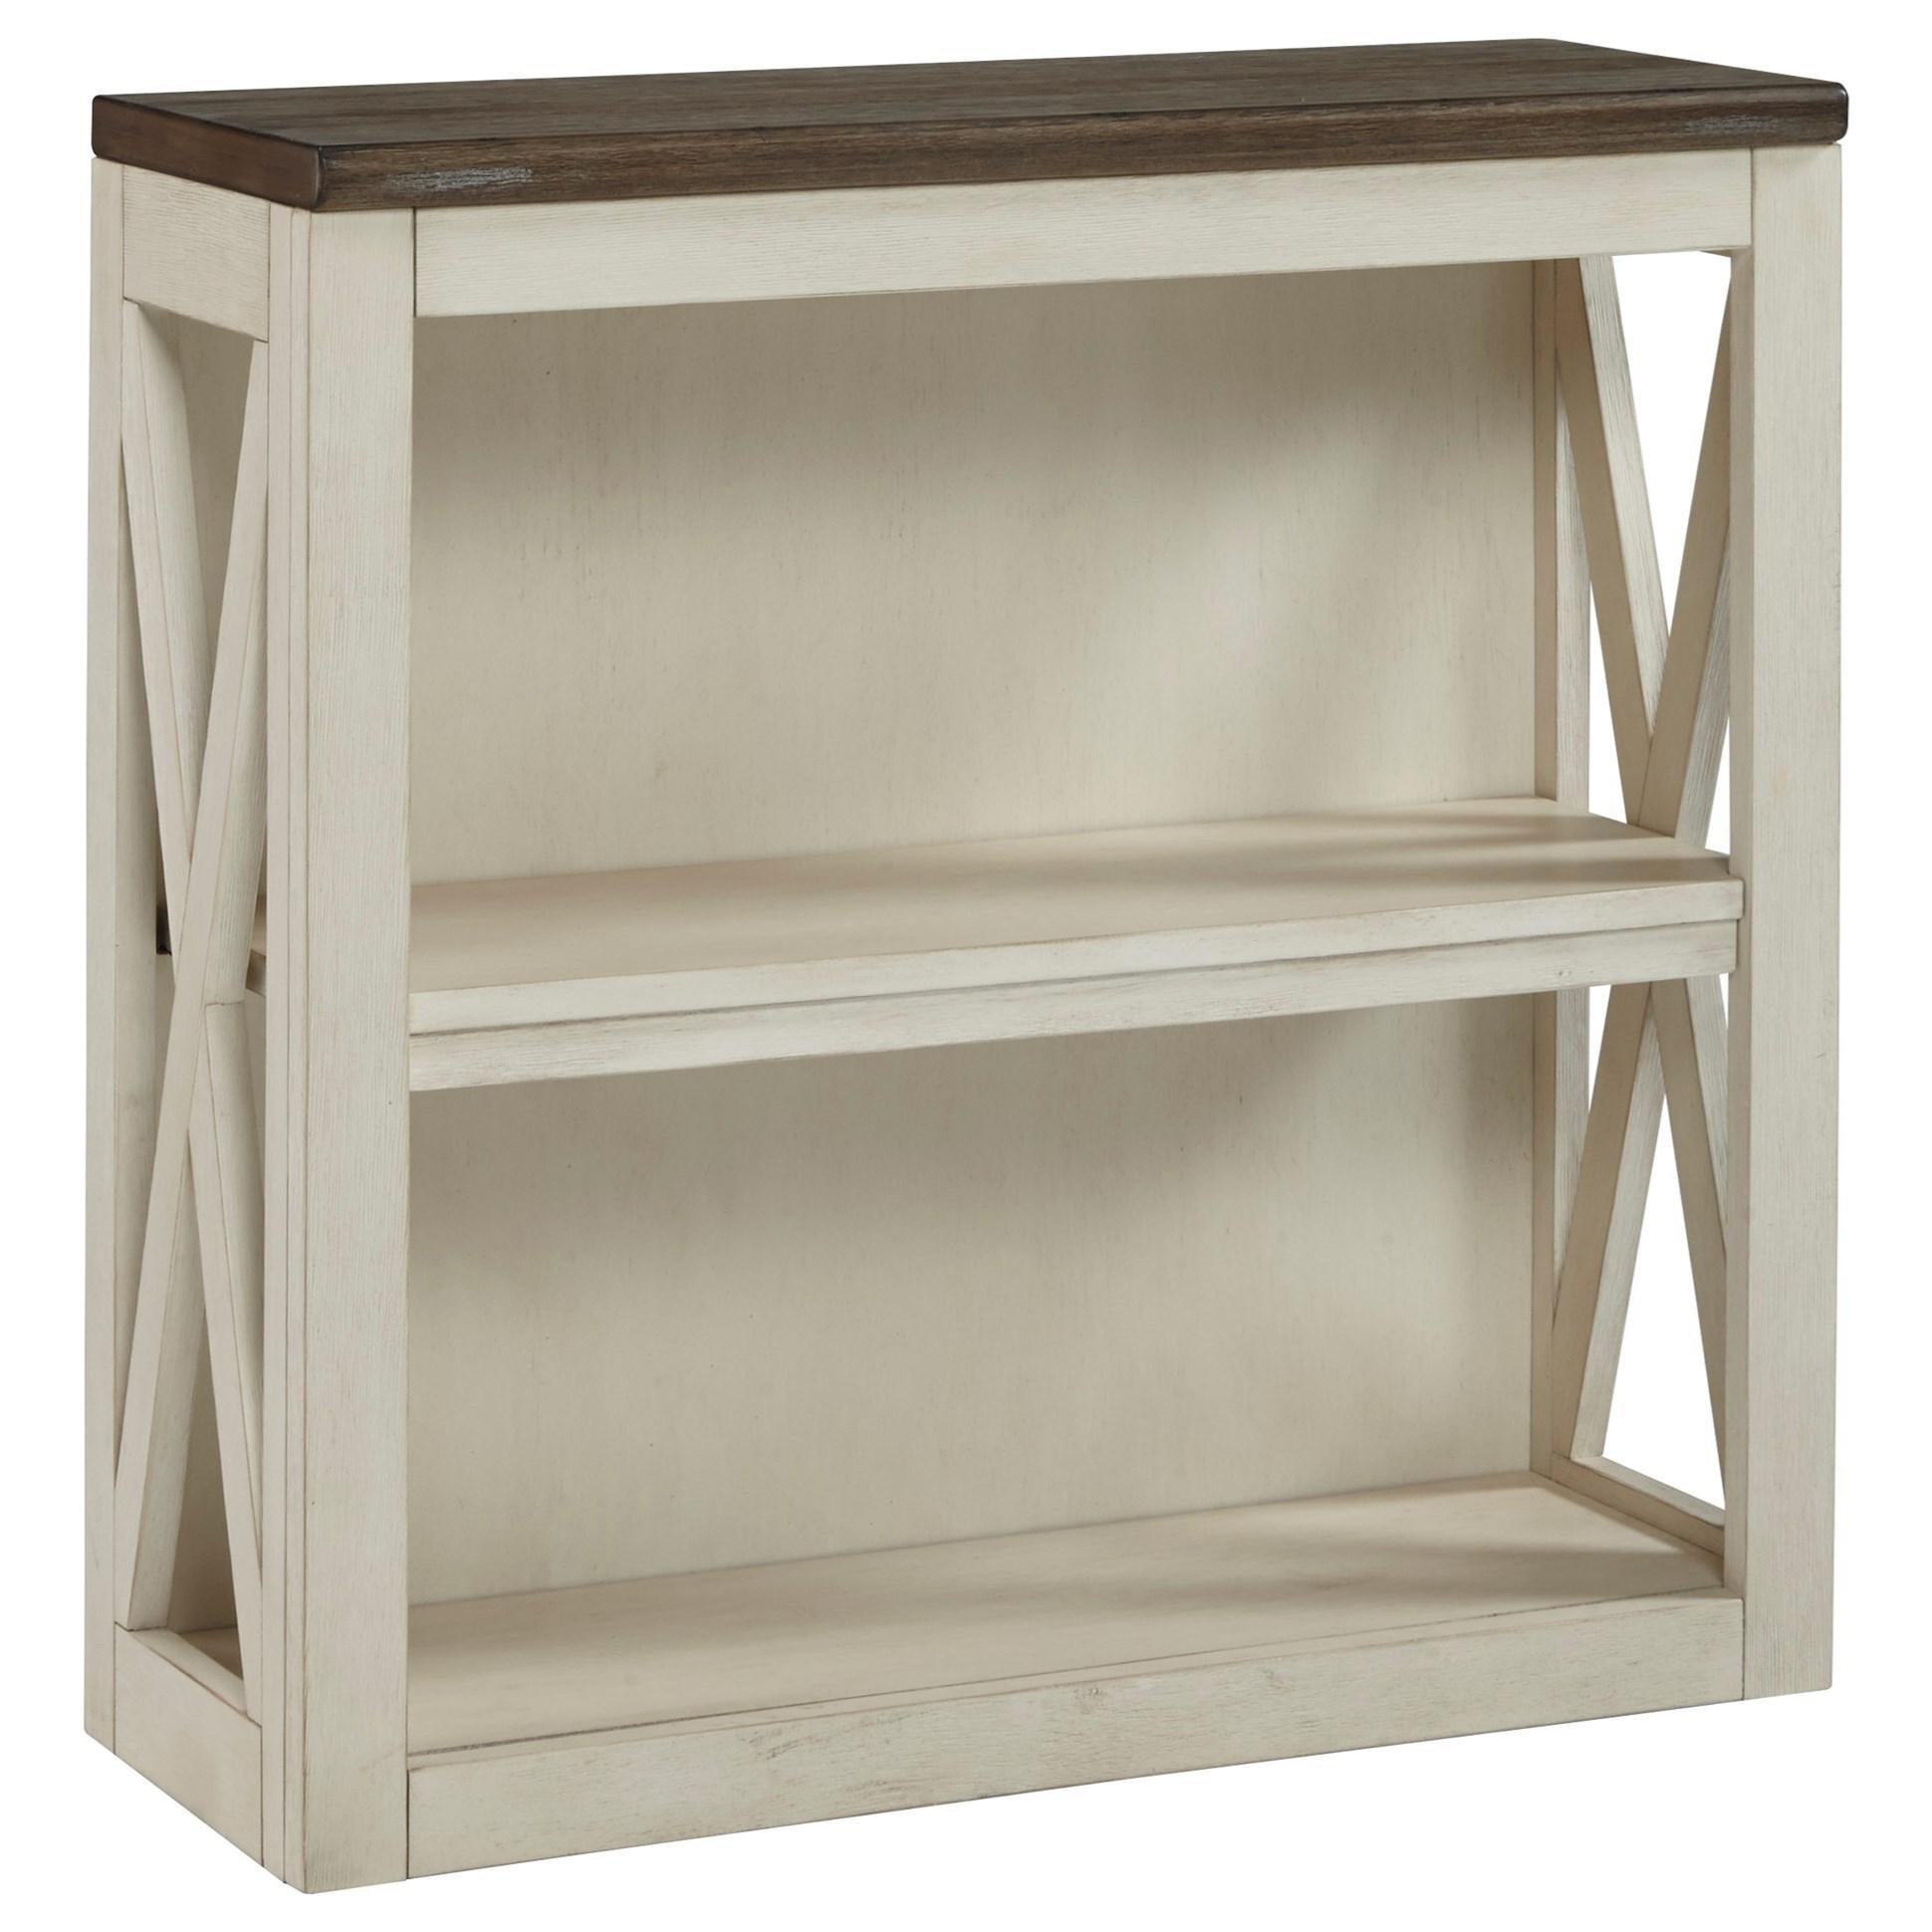 Signature Design by Ashley Bolanburg Medium Bookcase - Item Number: H647-16